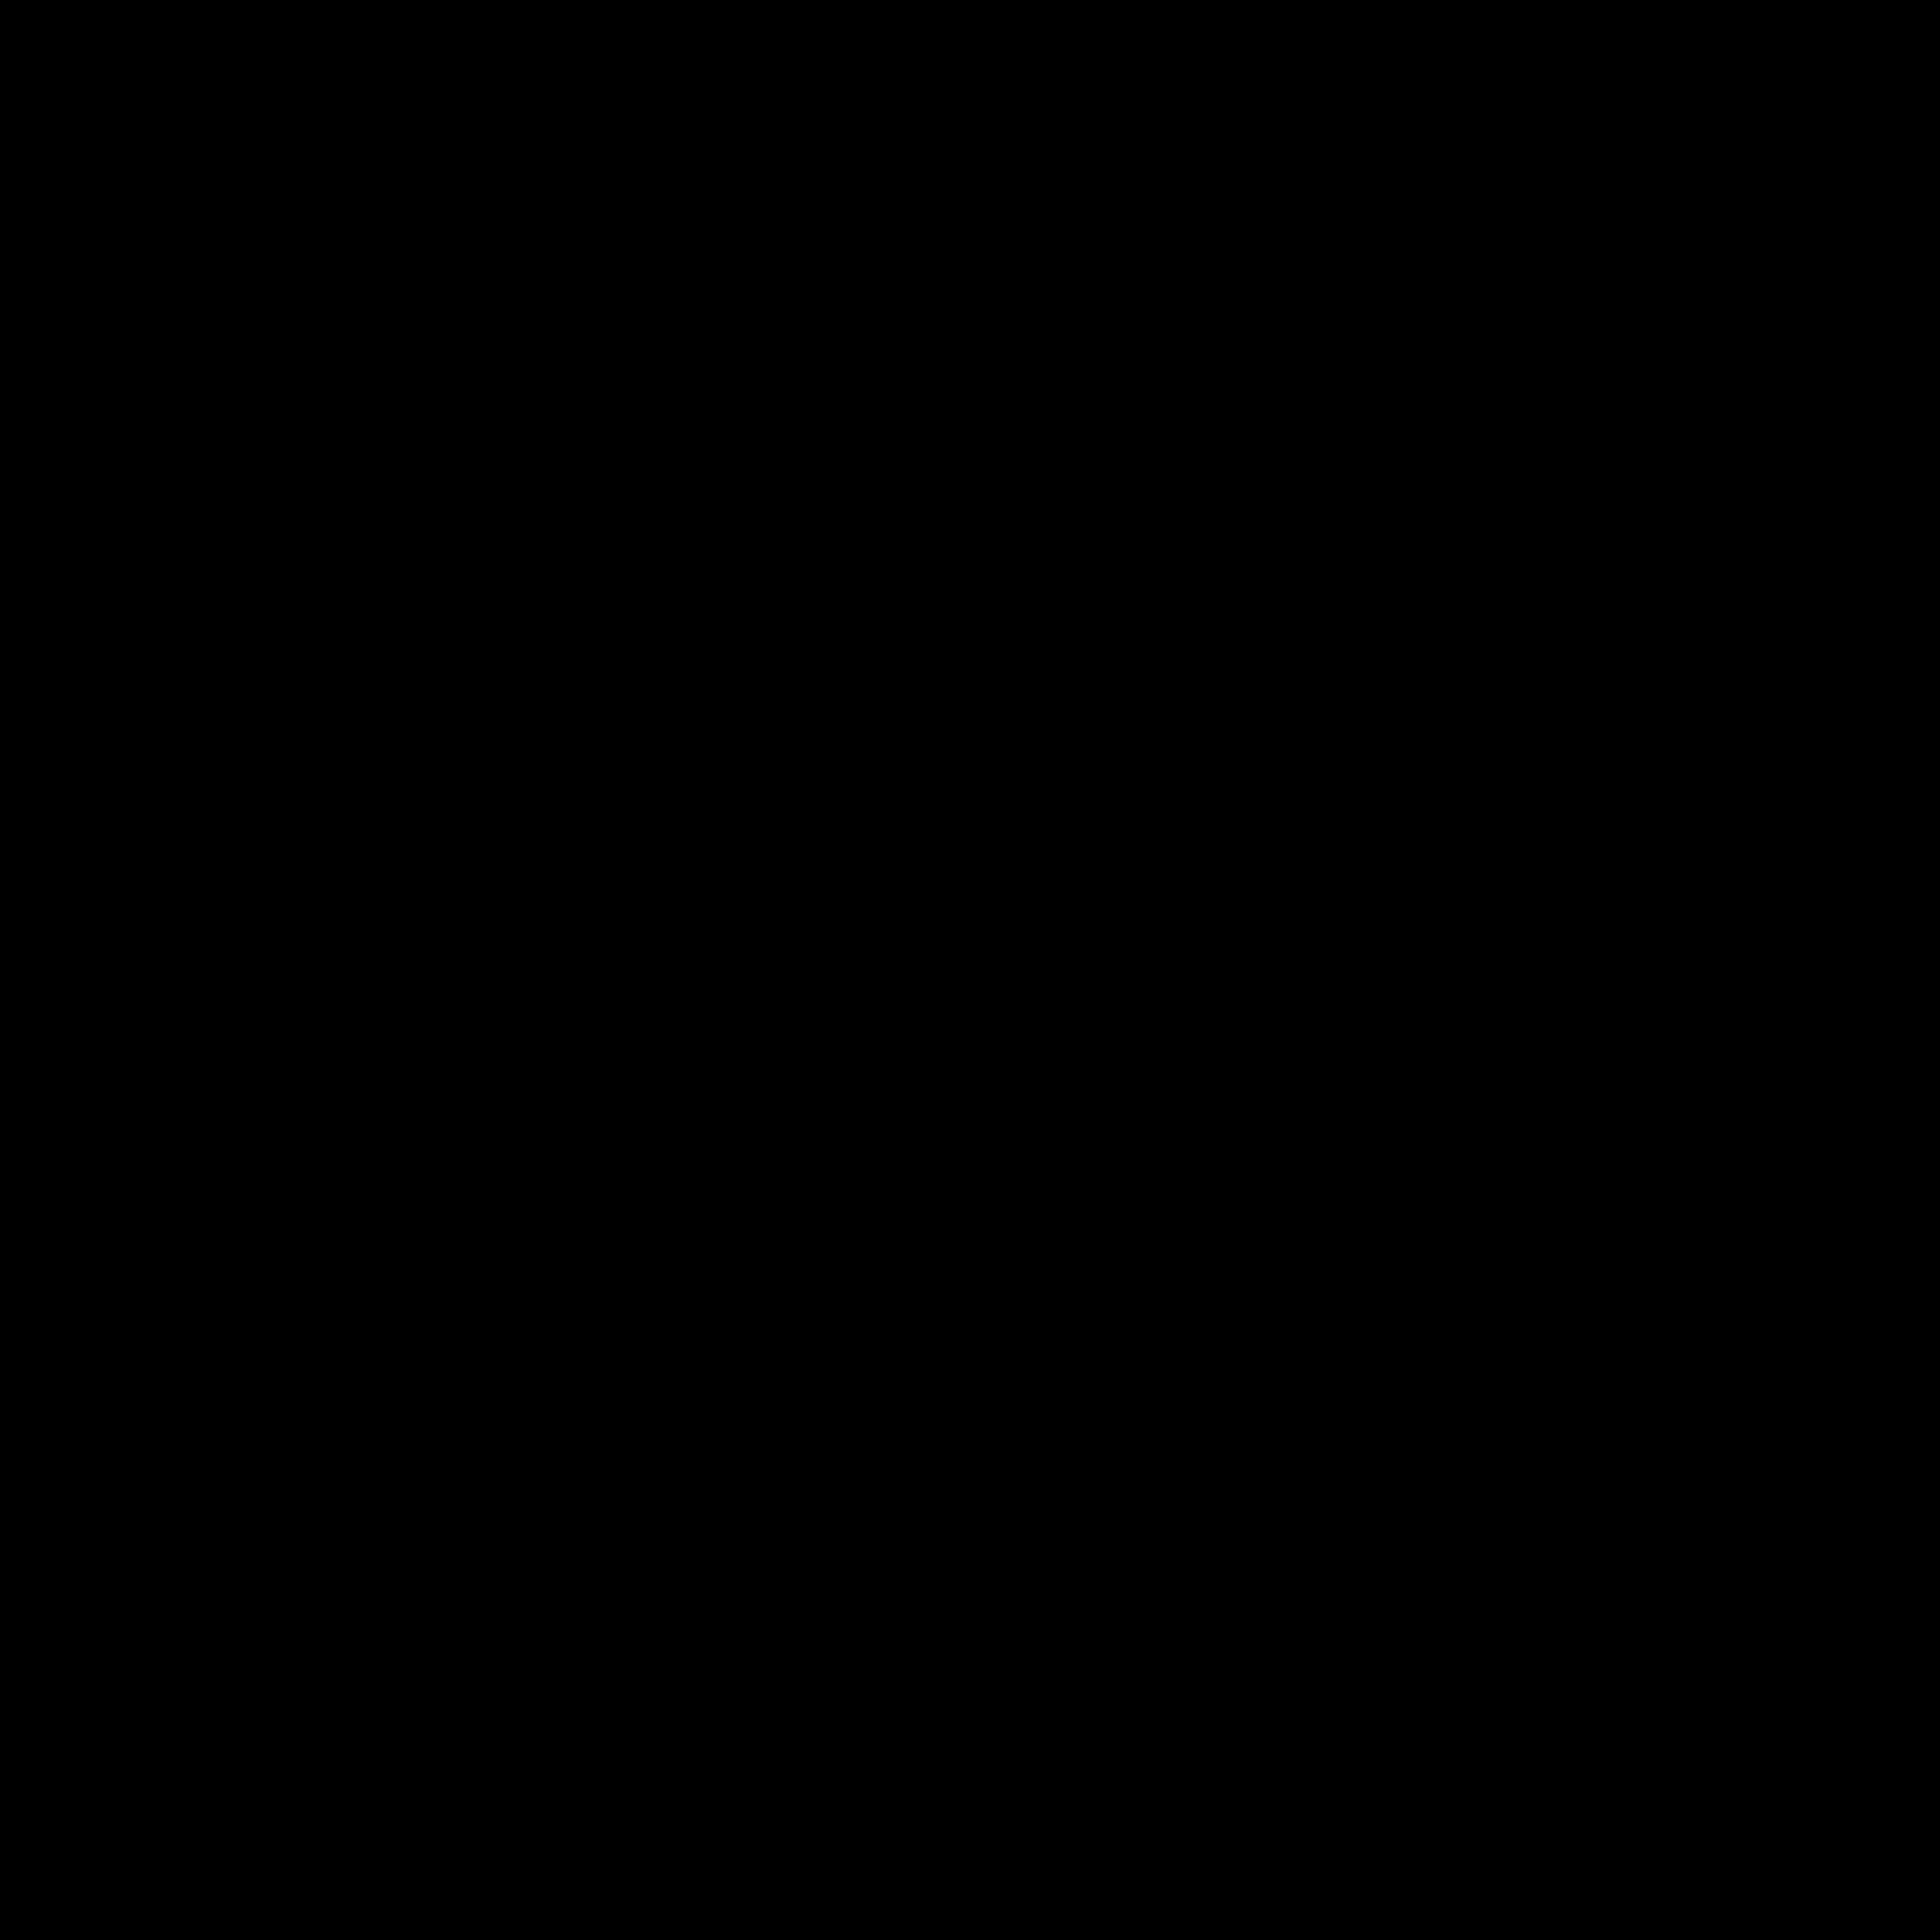 Mozfibre